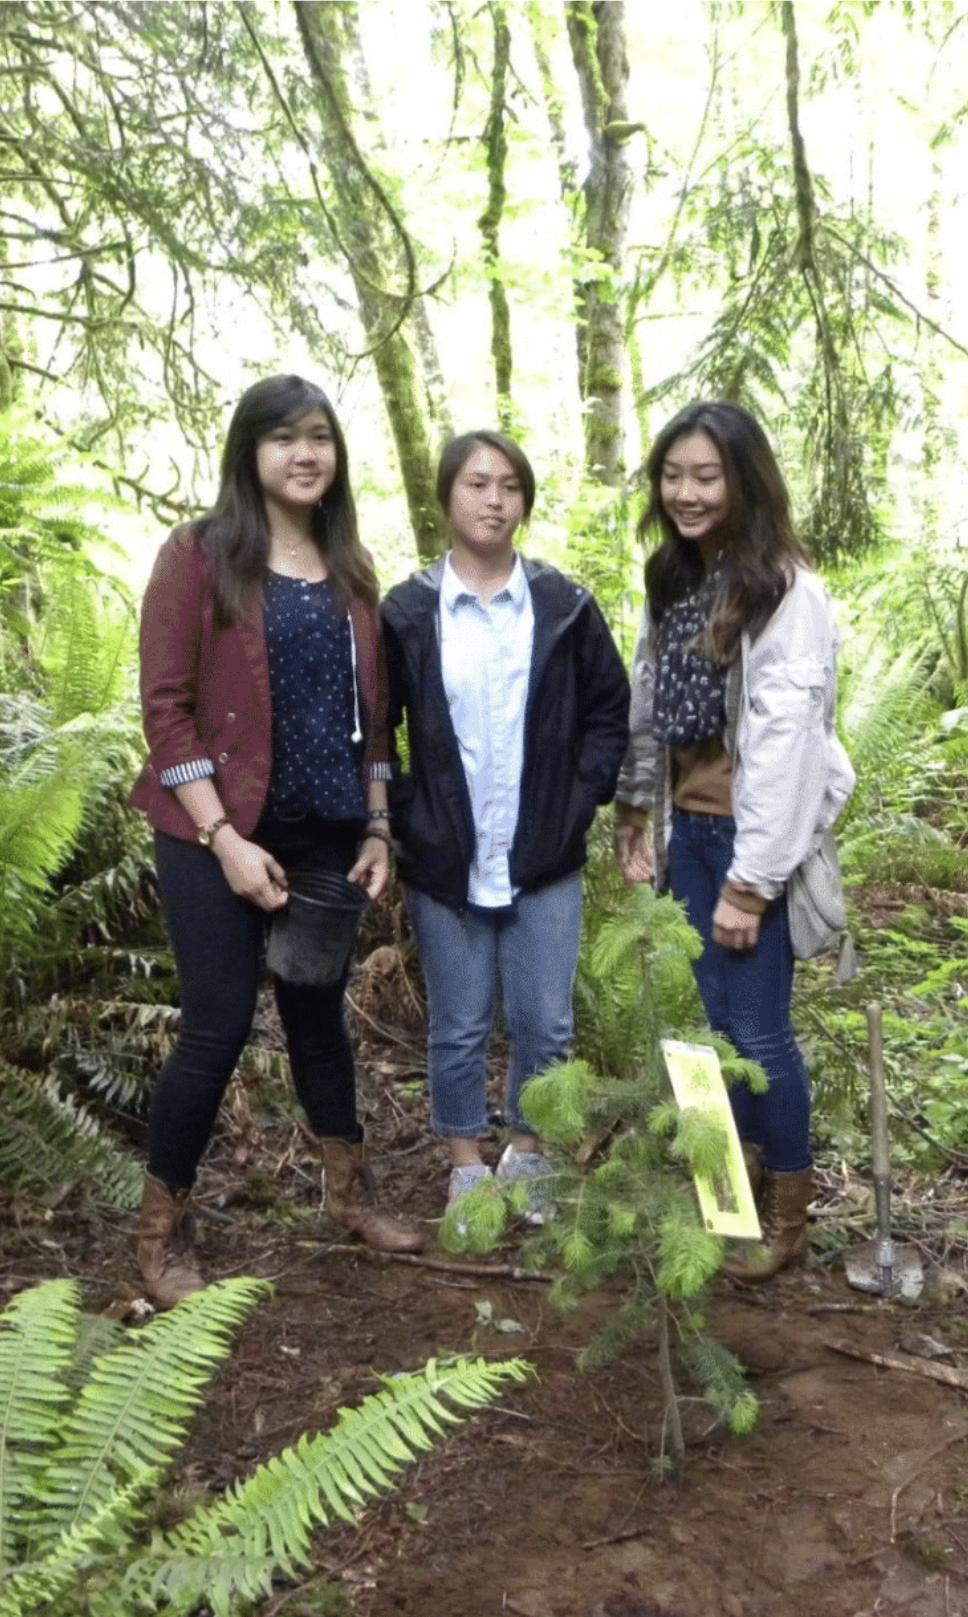 Planting Douglas fir